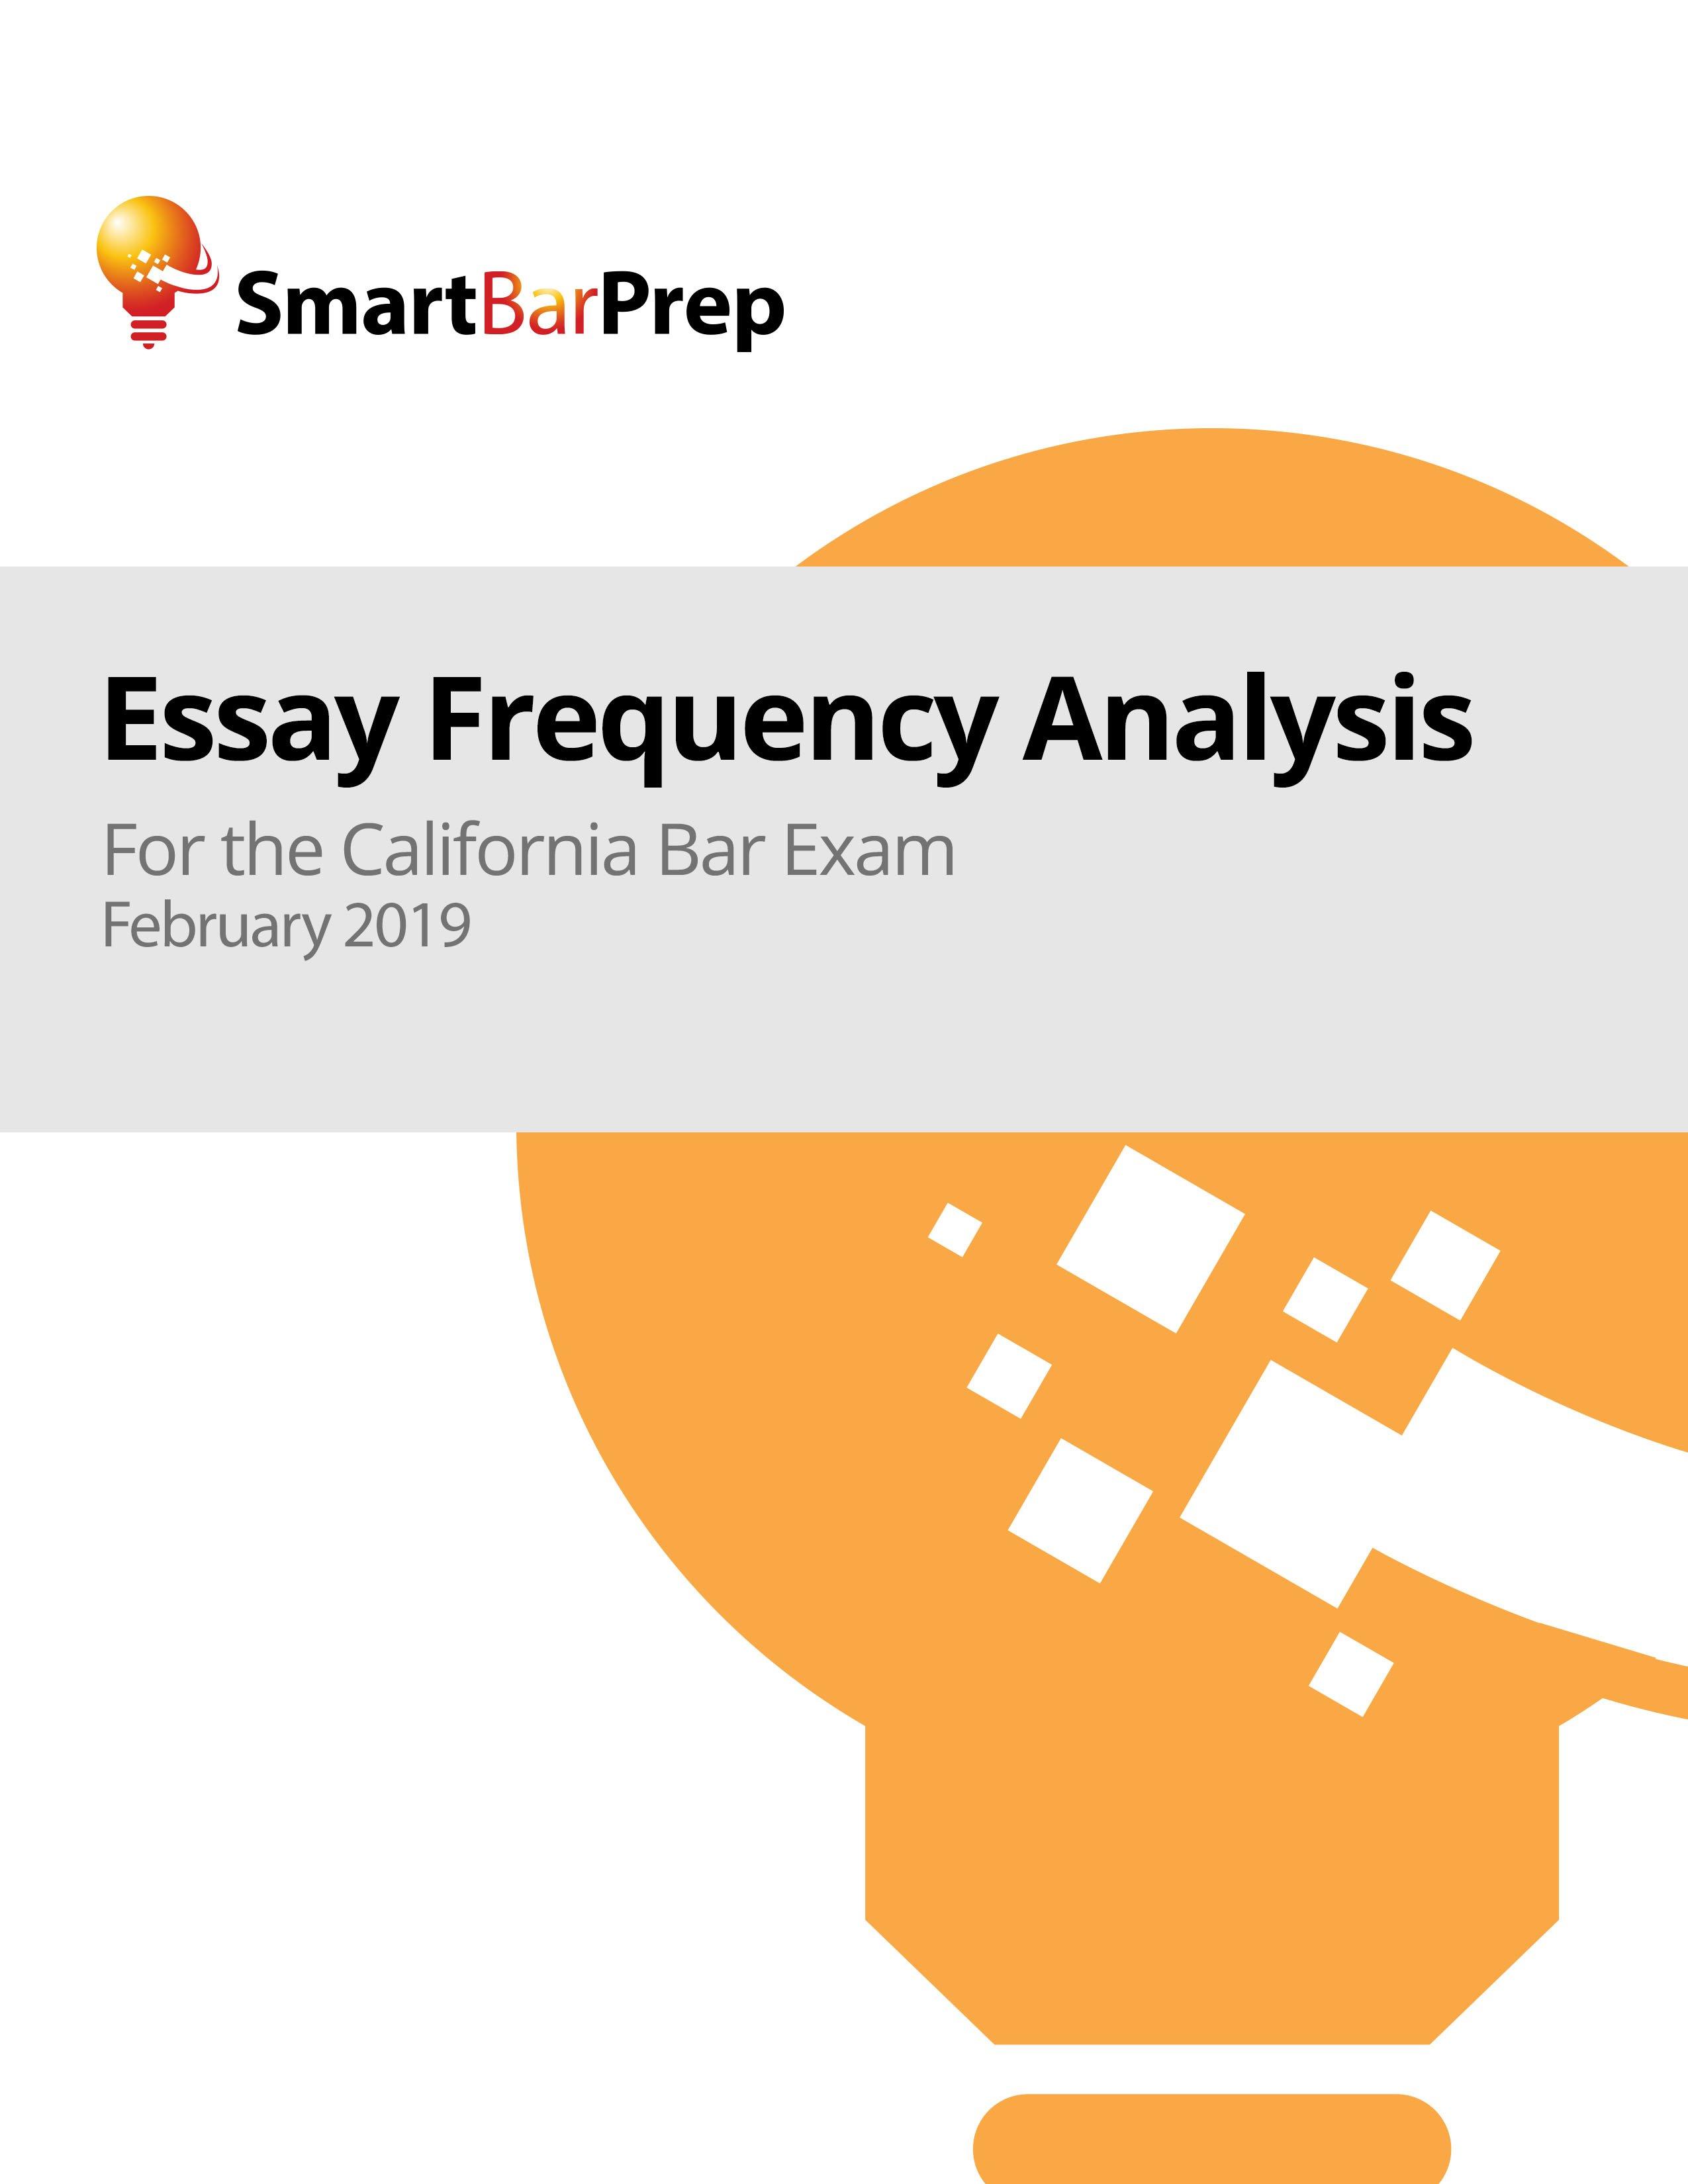 California Essay Frequency Analysis - SmartBarPrep.com